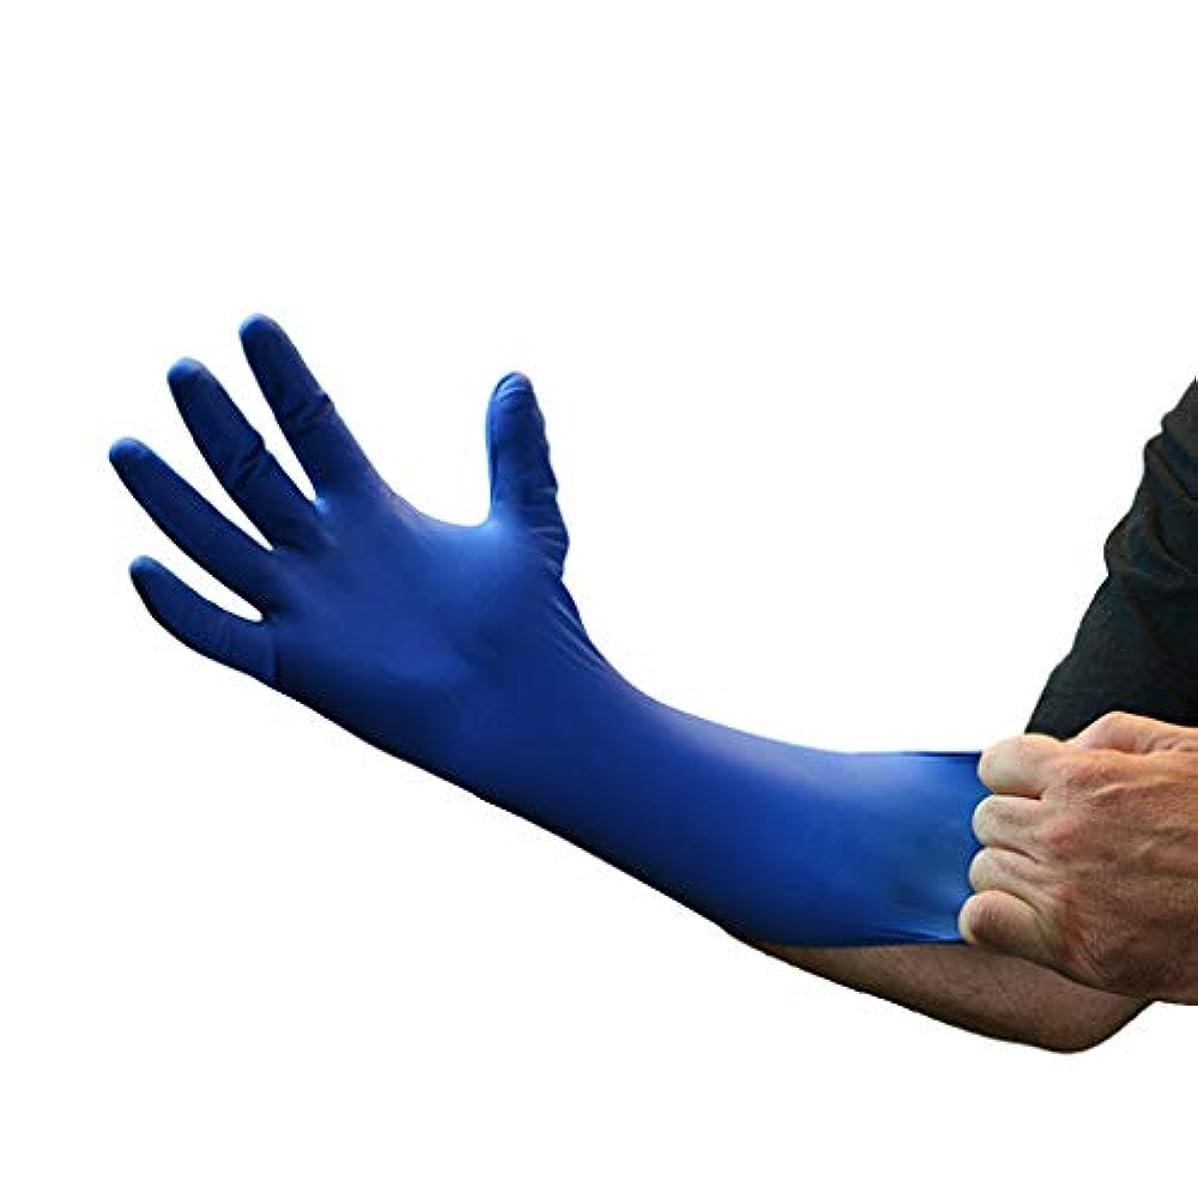 突進不健全技術的な使い捨てニトリル手袋耐久性のあるニトリルダークブルーパウダーフリー厚い実験室耐性溶剤酸とアルカリ YANW (色 : Dark blue, サイズ さいず : Xl xl)